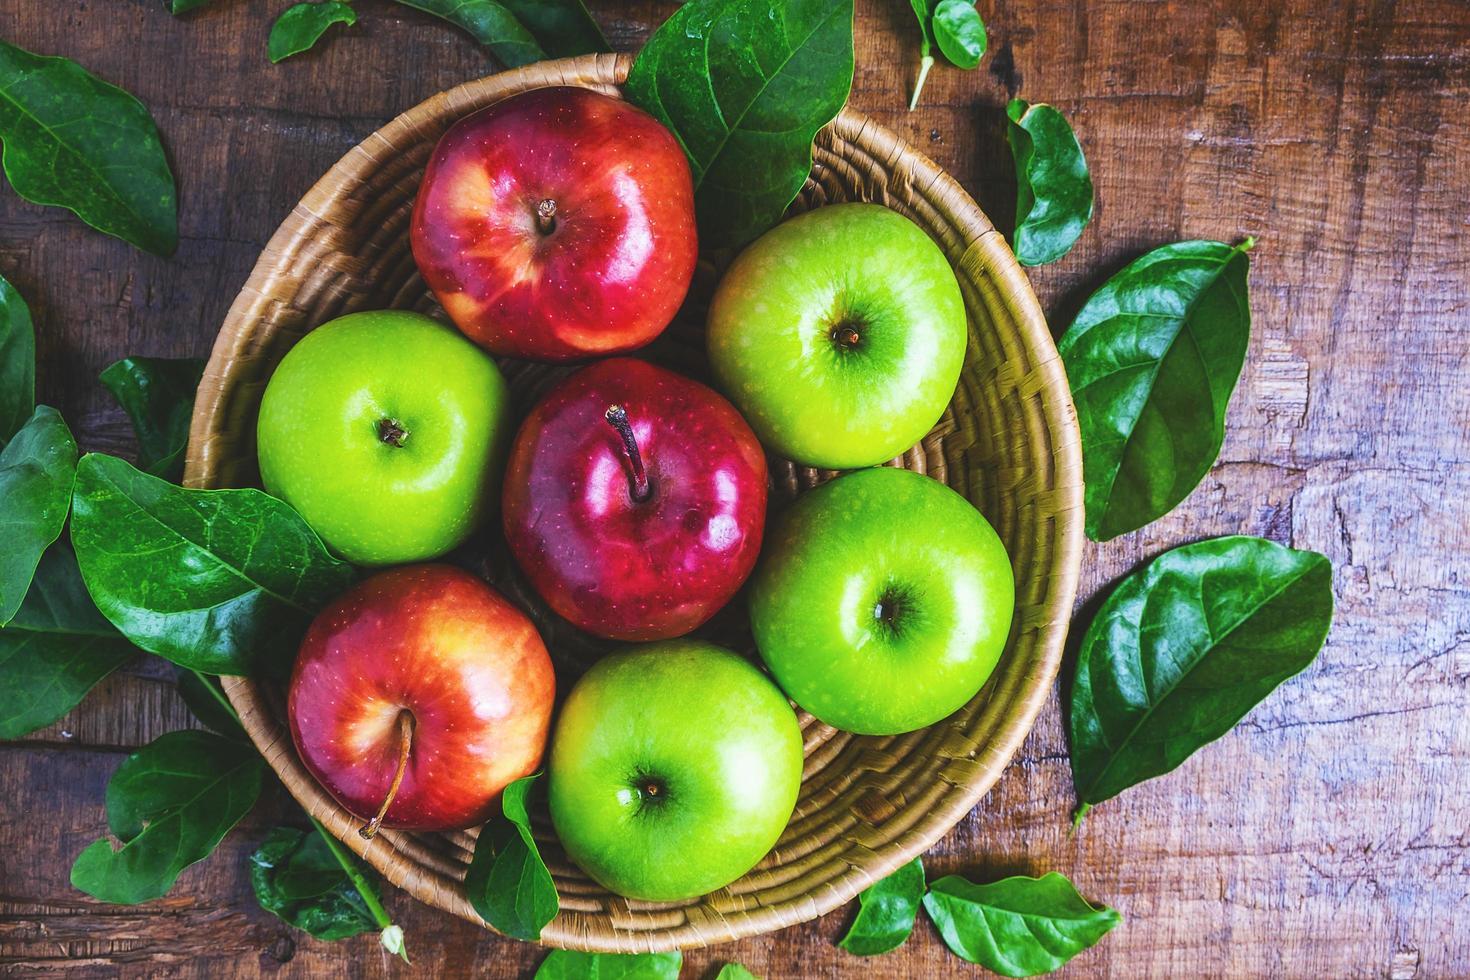 Korb mit grünen und roten Äpfeln foto